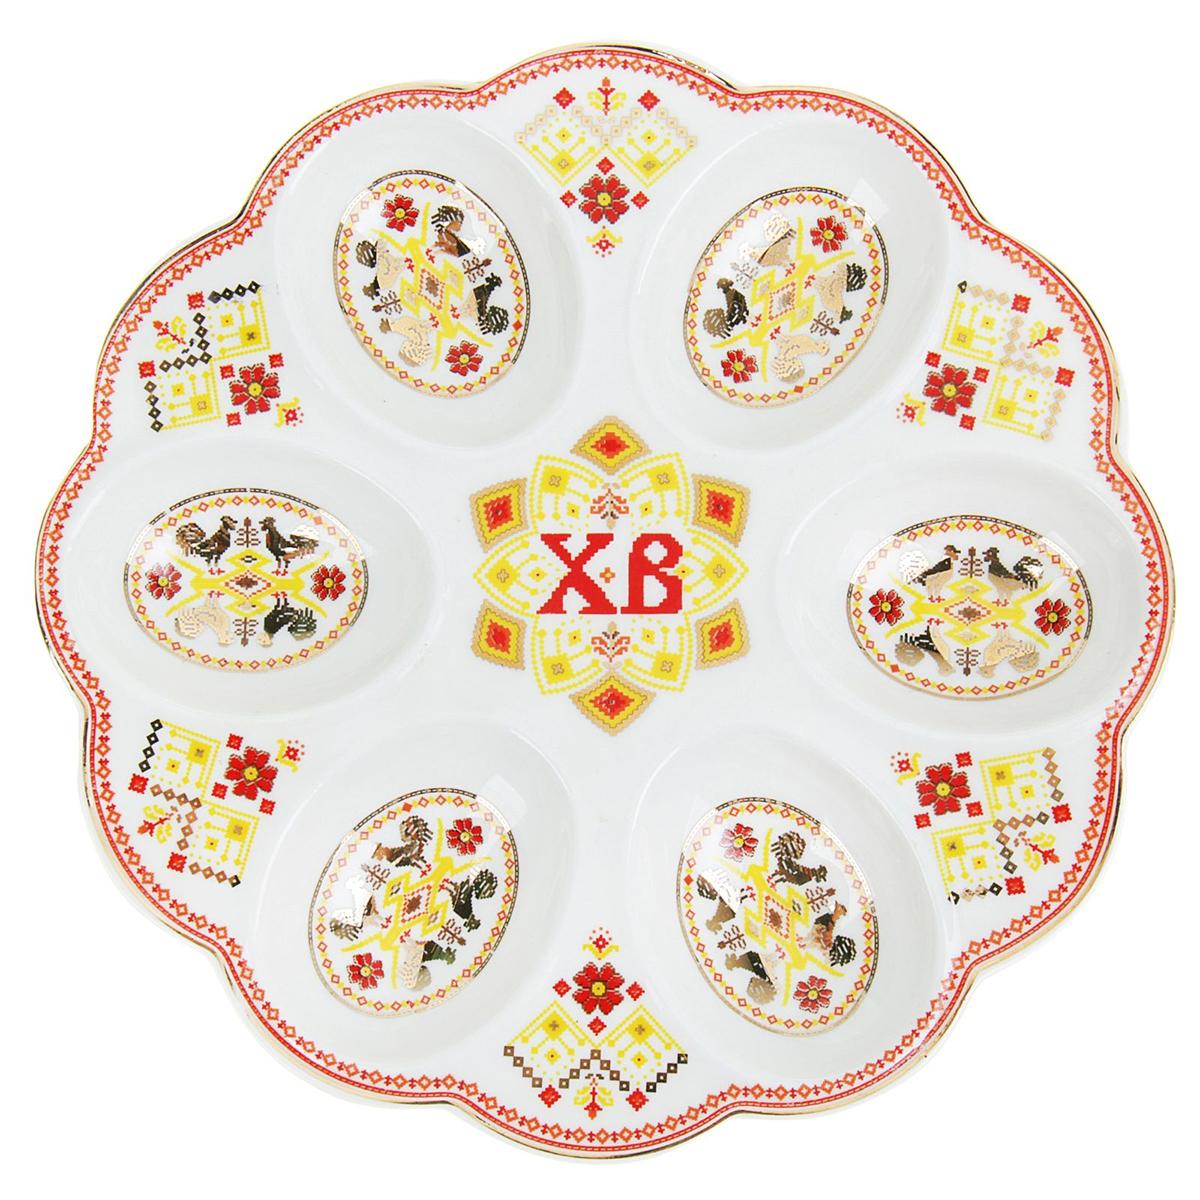 """Фигурная подставка на 6 яиц """"Sima-land"""" изготовлена из прочной белоснежной керамики с нанесением тематических изображений насыщенными натуральными и безопасными красками. Она оформлена дизайном в славянском стиле с прорисовкой пасхальных символов. Аксессуар станет дополнительным украшением праздничного стола, создаст радостное настроение и наполнит пространство вашего дома благостной энергией на весь год вперёд. Благодаря яркой упаковке сувенир будет ценным памятным подарком для родных, друзей и коллег."""